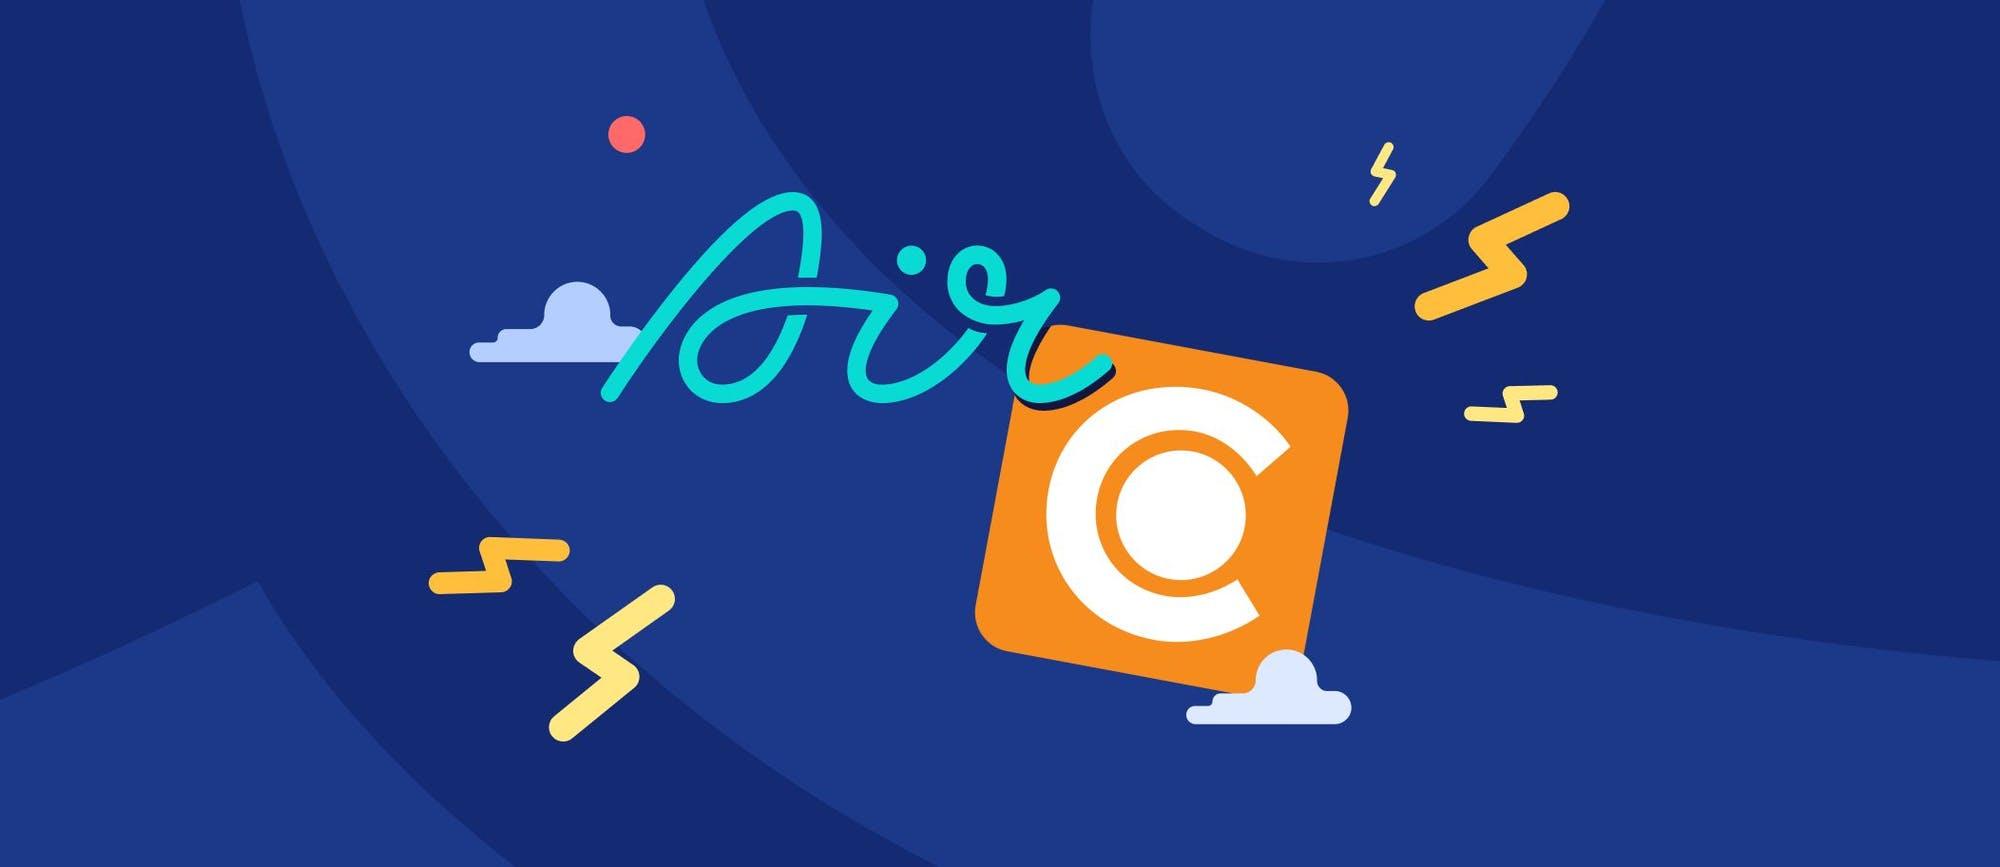 Air vs Canto: A comparison